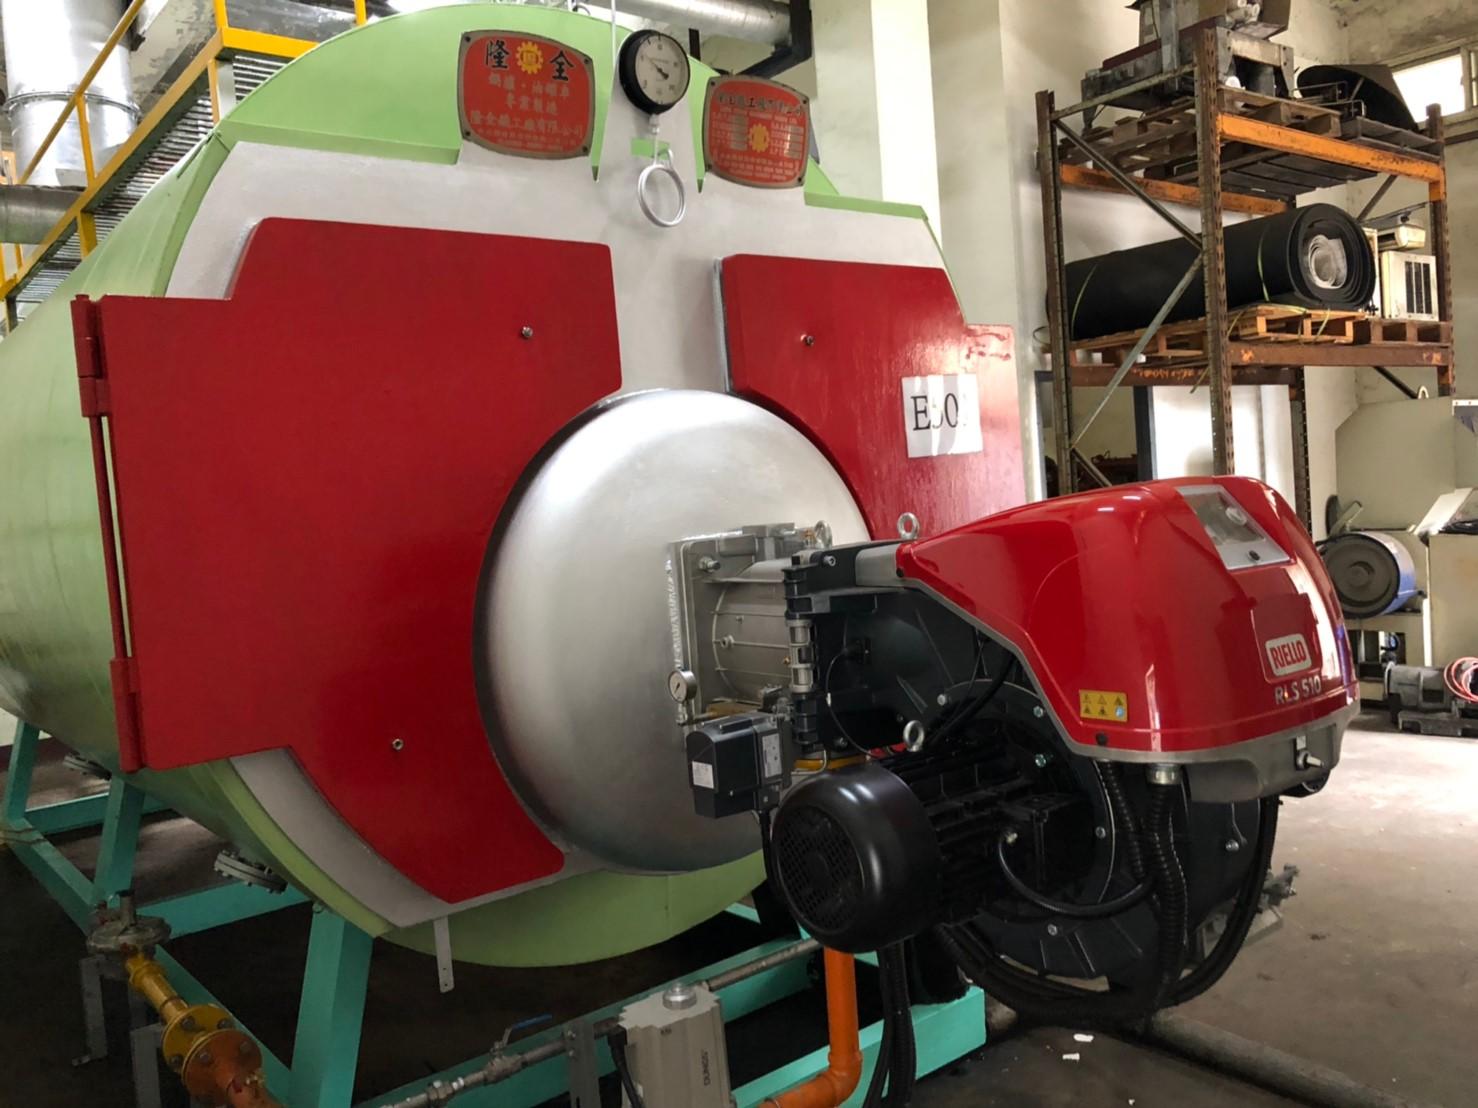 柴油瓦斯雙用燃料型燃燒機-RLS510/M-機械比例式